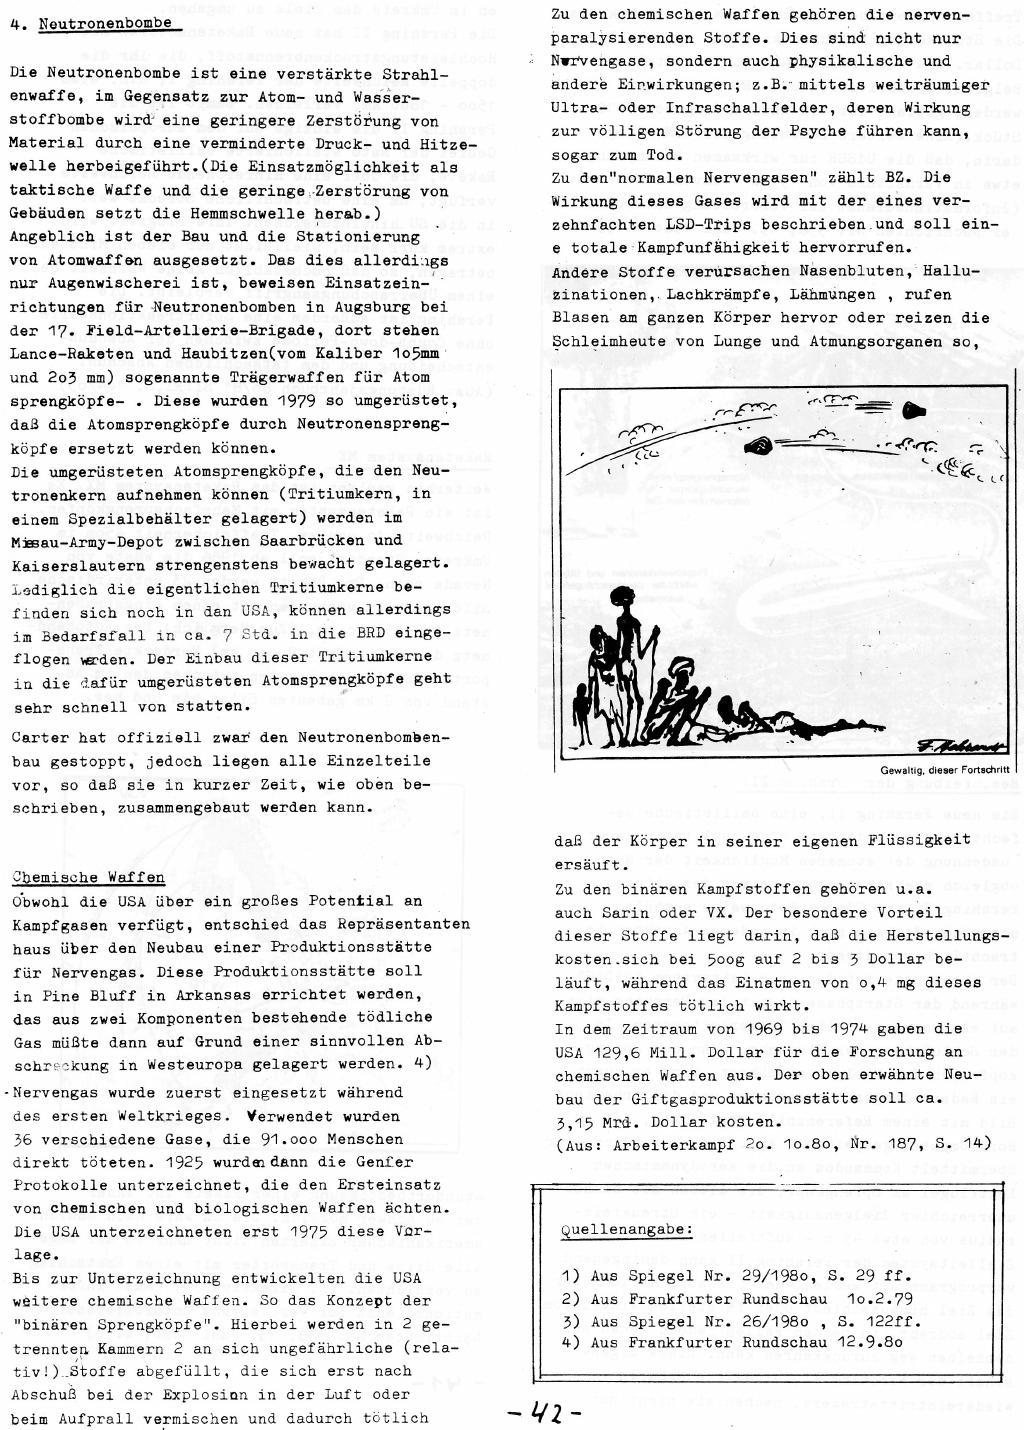 Bremen_1980_NATO_Broschuere_42